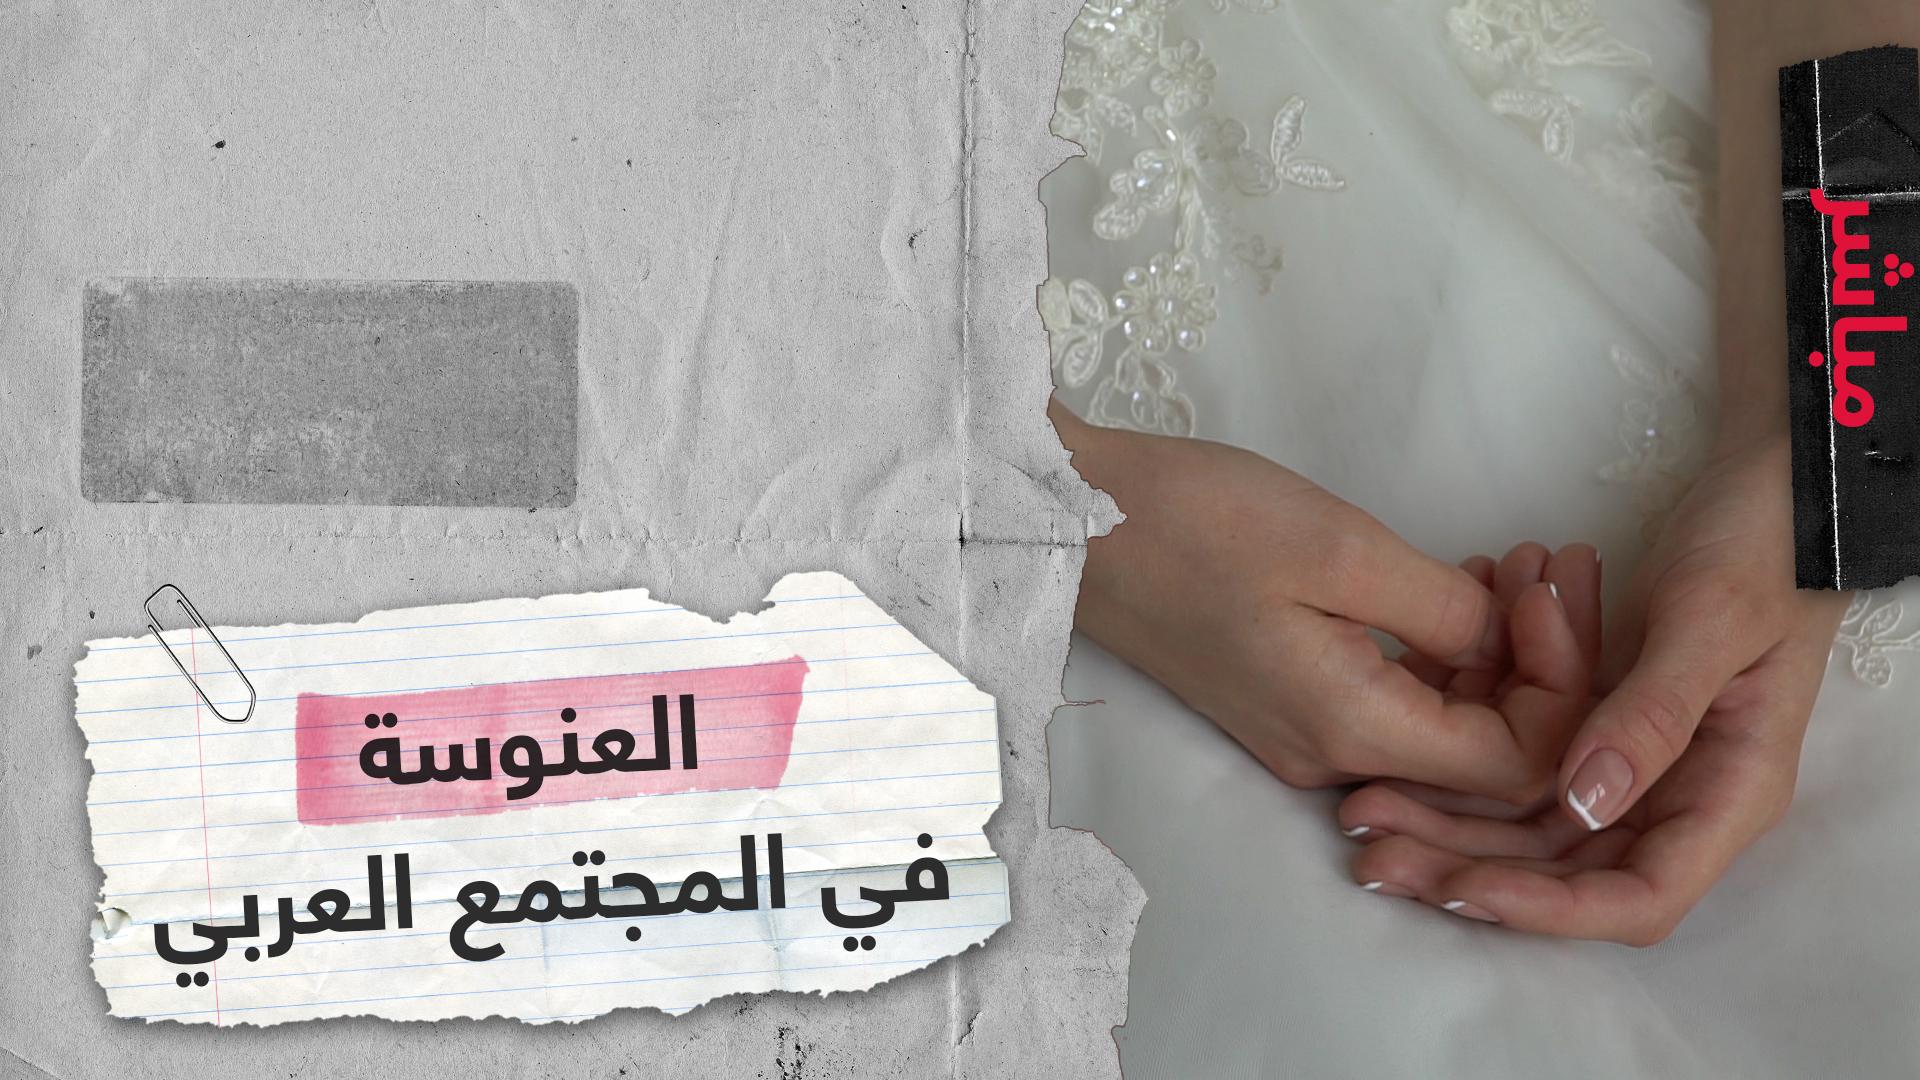 العنوسة في العالم العربي.. معاناة للفتاة ومواجهة لعادات مجتمعية